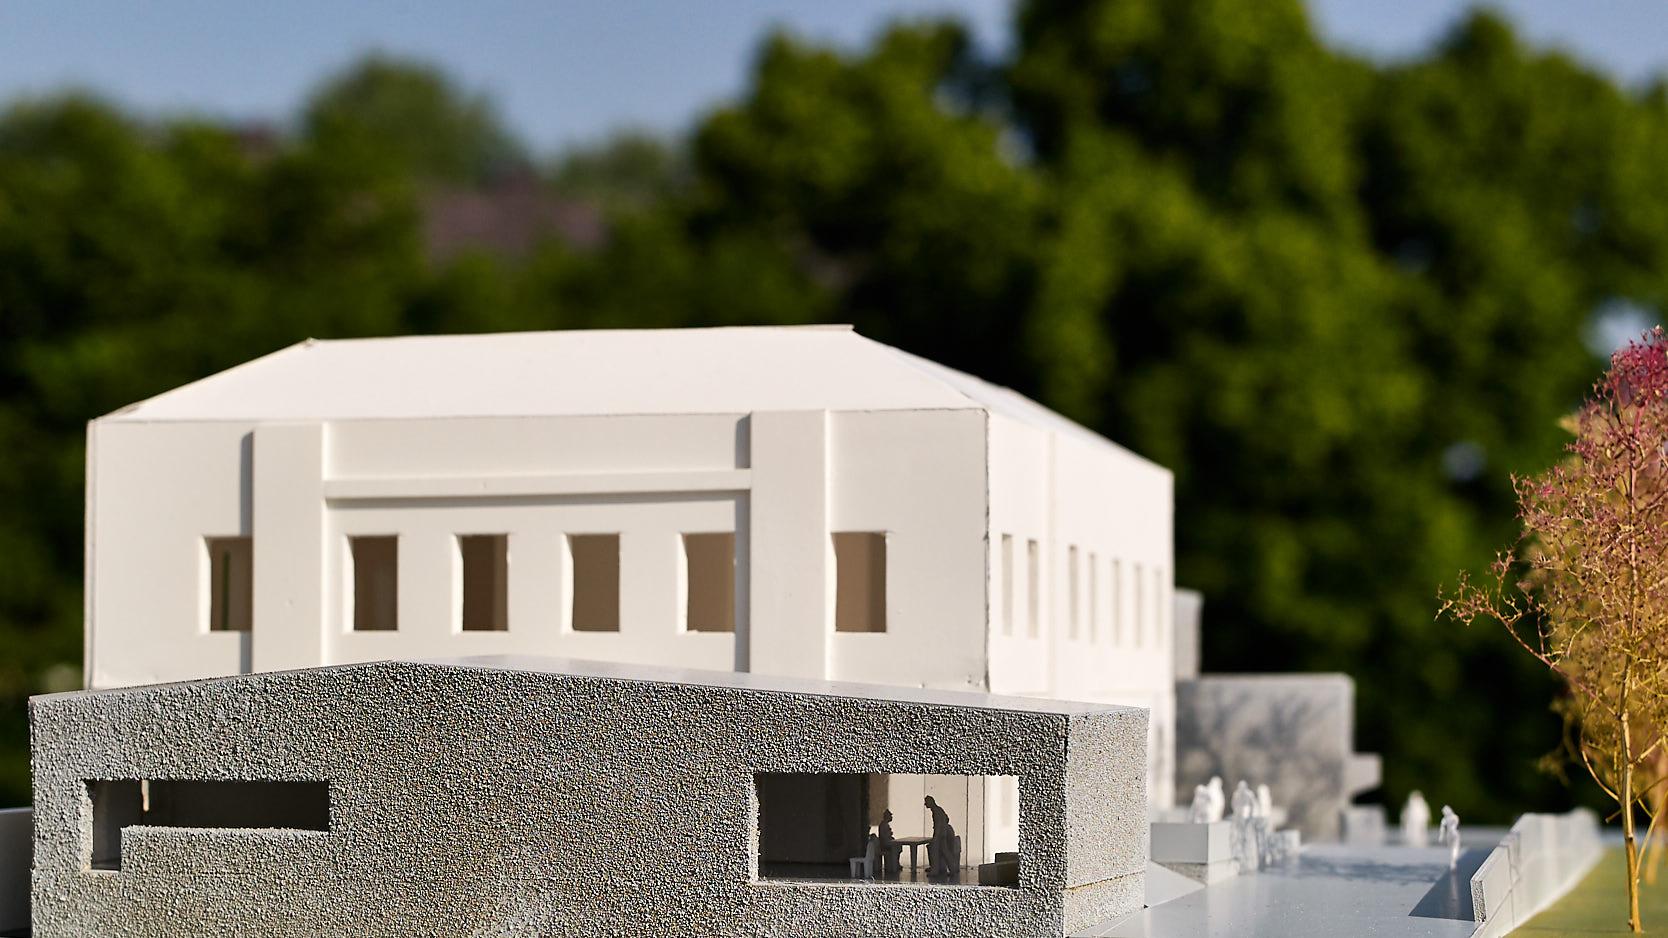 Zentralfriedhof: North/West